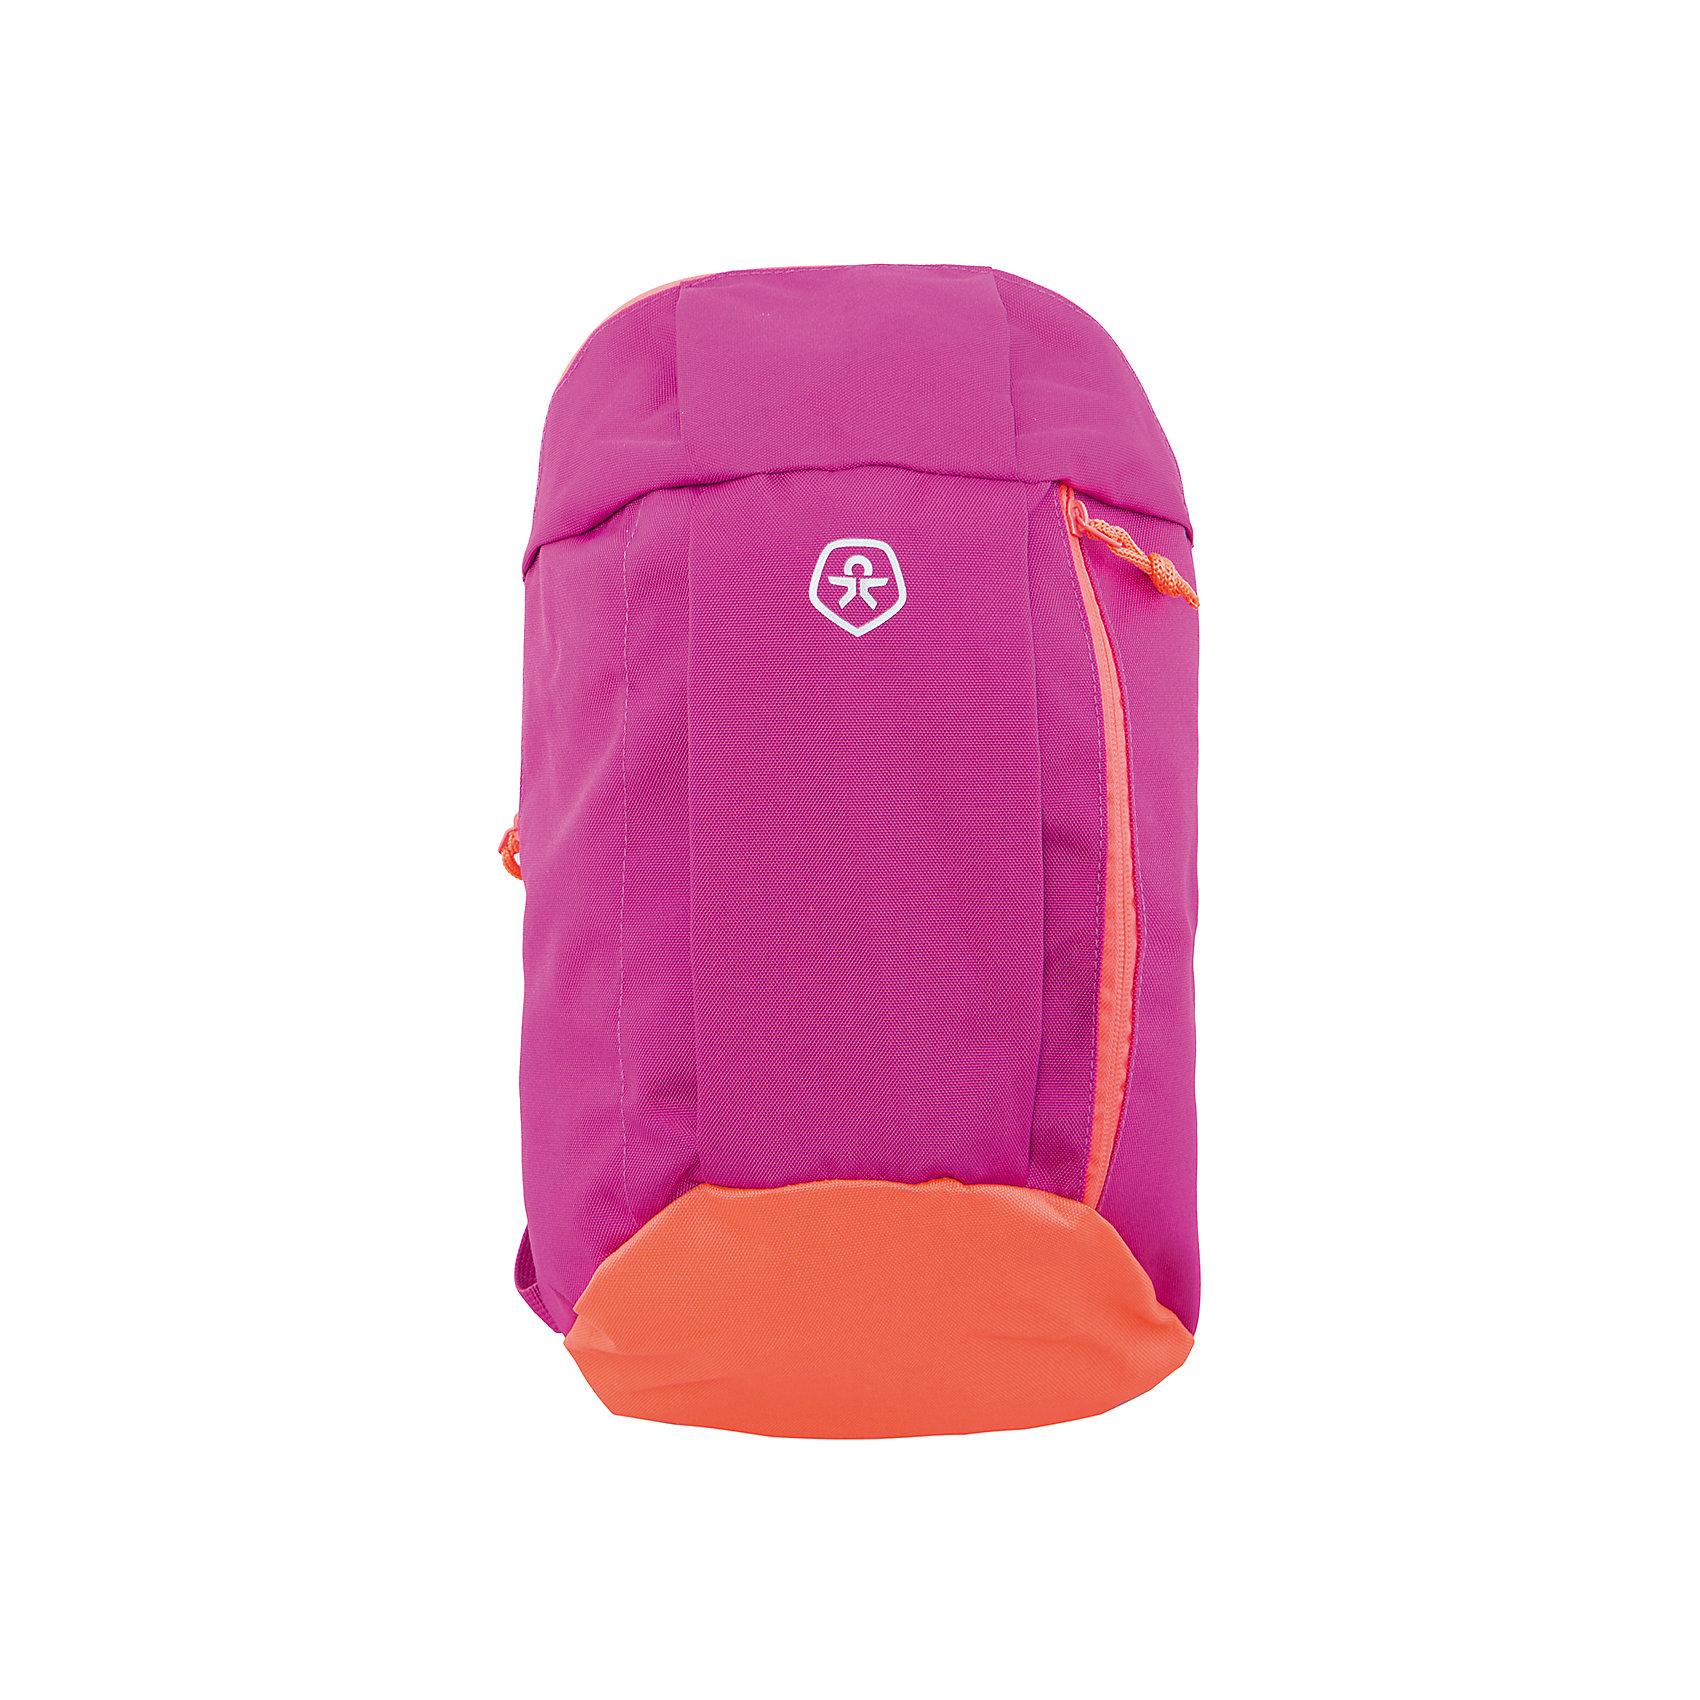 Рюкзак  Color KidsАксессуары<br>Характеристики товара:<br><br>• цвет: розовый<br>• состав: 100 % полиэстер<br>• размер рюкзака: 31х40х20<br>• мягкая спинка<br>• регулируемые лямки<br>• светоотражающие детали<br>• спортивный<br>• логотип<br>• страна бренда: Дания<br><br>Такой удобный рюкзак сделан из прочного и износостойкого полиэстера, он обеспечит ребенку удобство при ношении. Он комфортно сидит по спине и позволяет поместить в себя необходимые вещи. Очень стильно смотрится.<br><br>Рюкзак от датского бренда Color Kids (Колор кидз) можно купить в нашем интернет-магазине.<br><br>Ширина мм: 227<br>Глубина мм: 11<br>Высота мм: 226<br>Вес г: 350<br>Цвет: розовый<br>Возраст от месяцев: 48<br>Возраст до месяцев: 144<br>Пол: Унисекс<br>Возраст: Детский<br>Размер: one size<br>SKU: 5443285